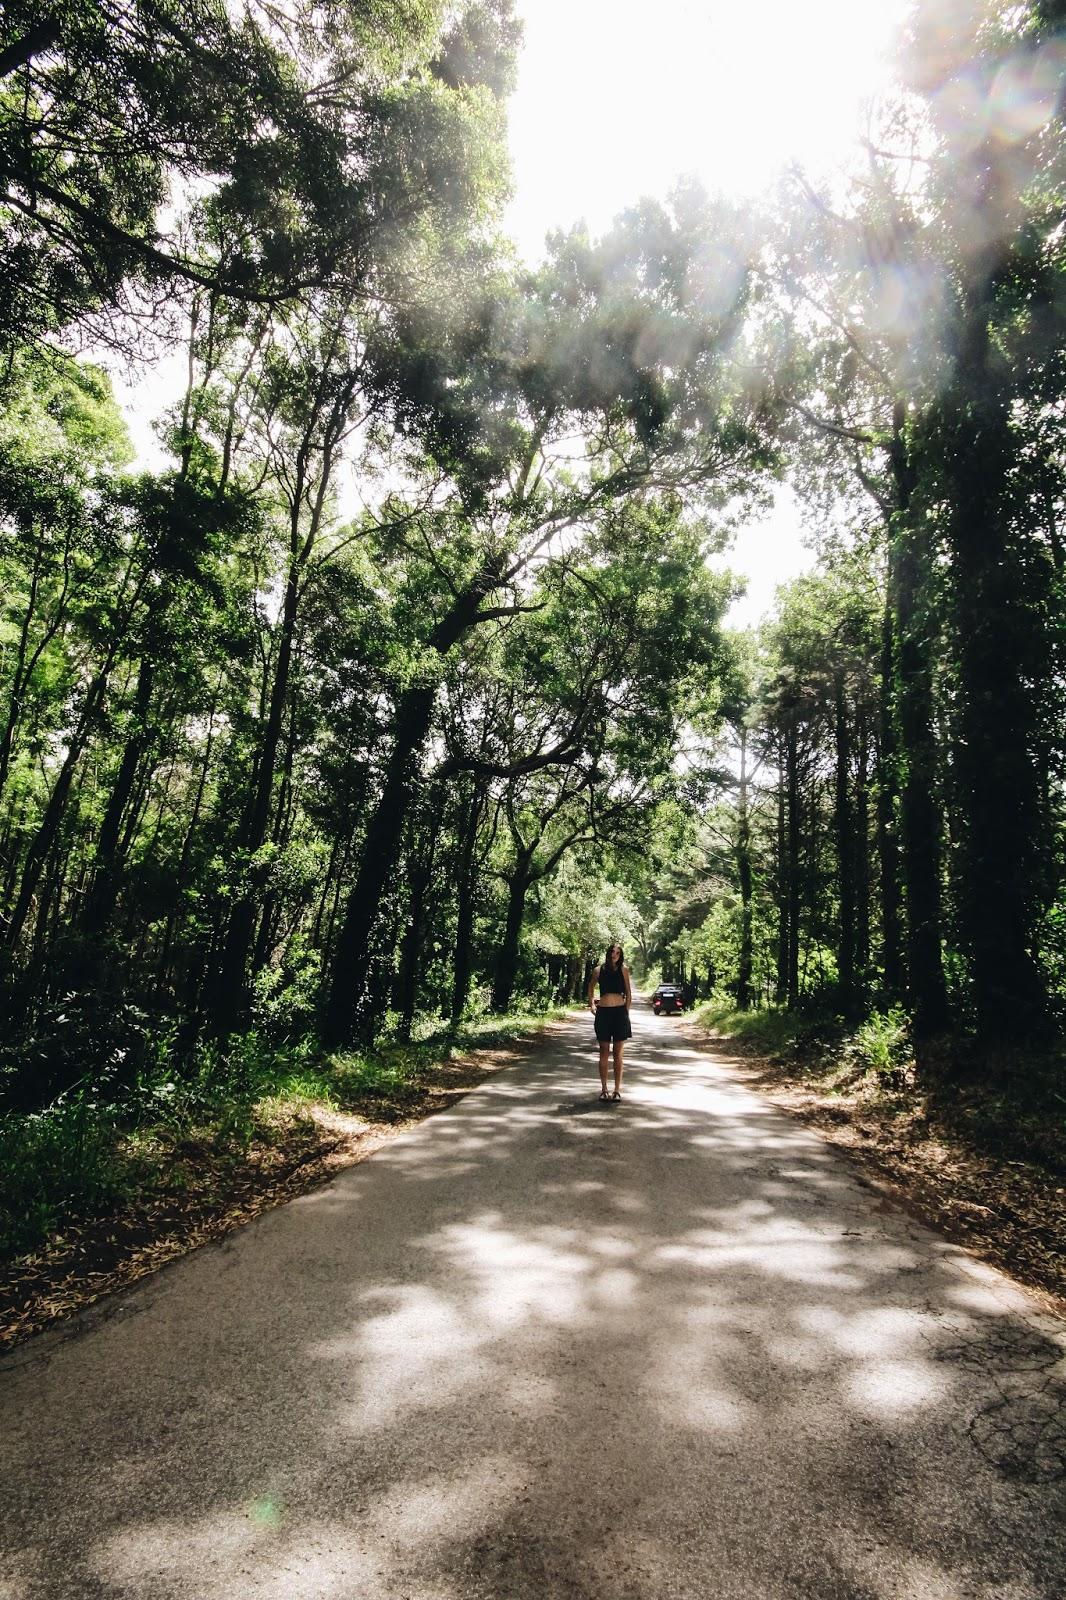 Roadtrip von Lissabon zum Sintra National Park